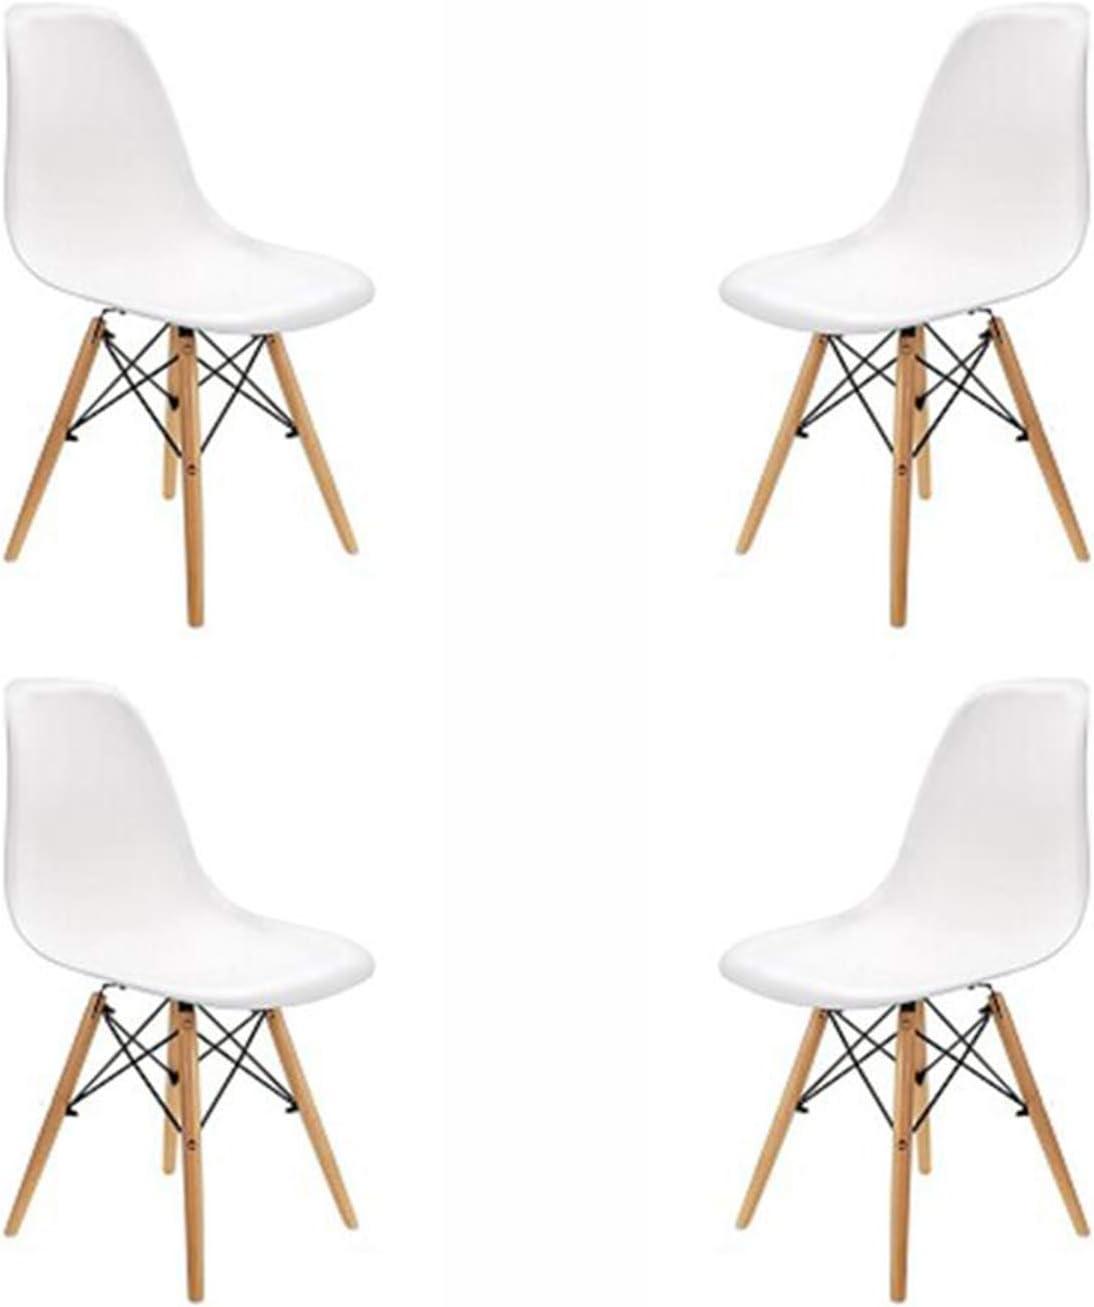 N / A Conjunto de 4 Sillas de Comedor, Diseño Ergonómico, Diseño Estilo nórdico Patas de Madera de Haya Natural para Sillas de Comedor Silla de Oficina Silla de salón (Blanco)